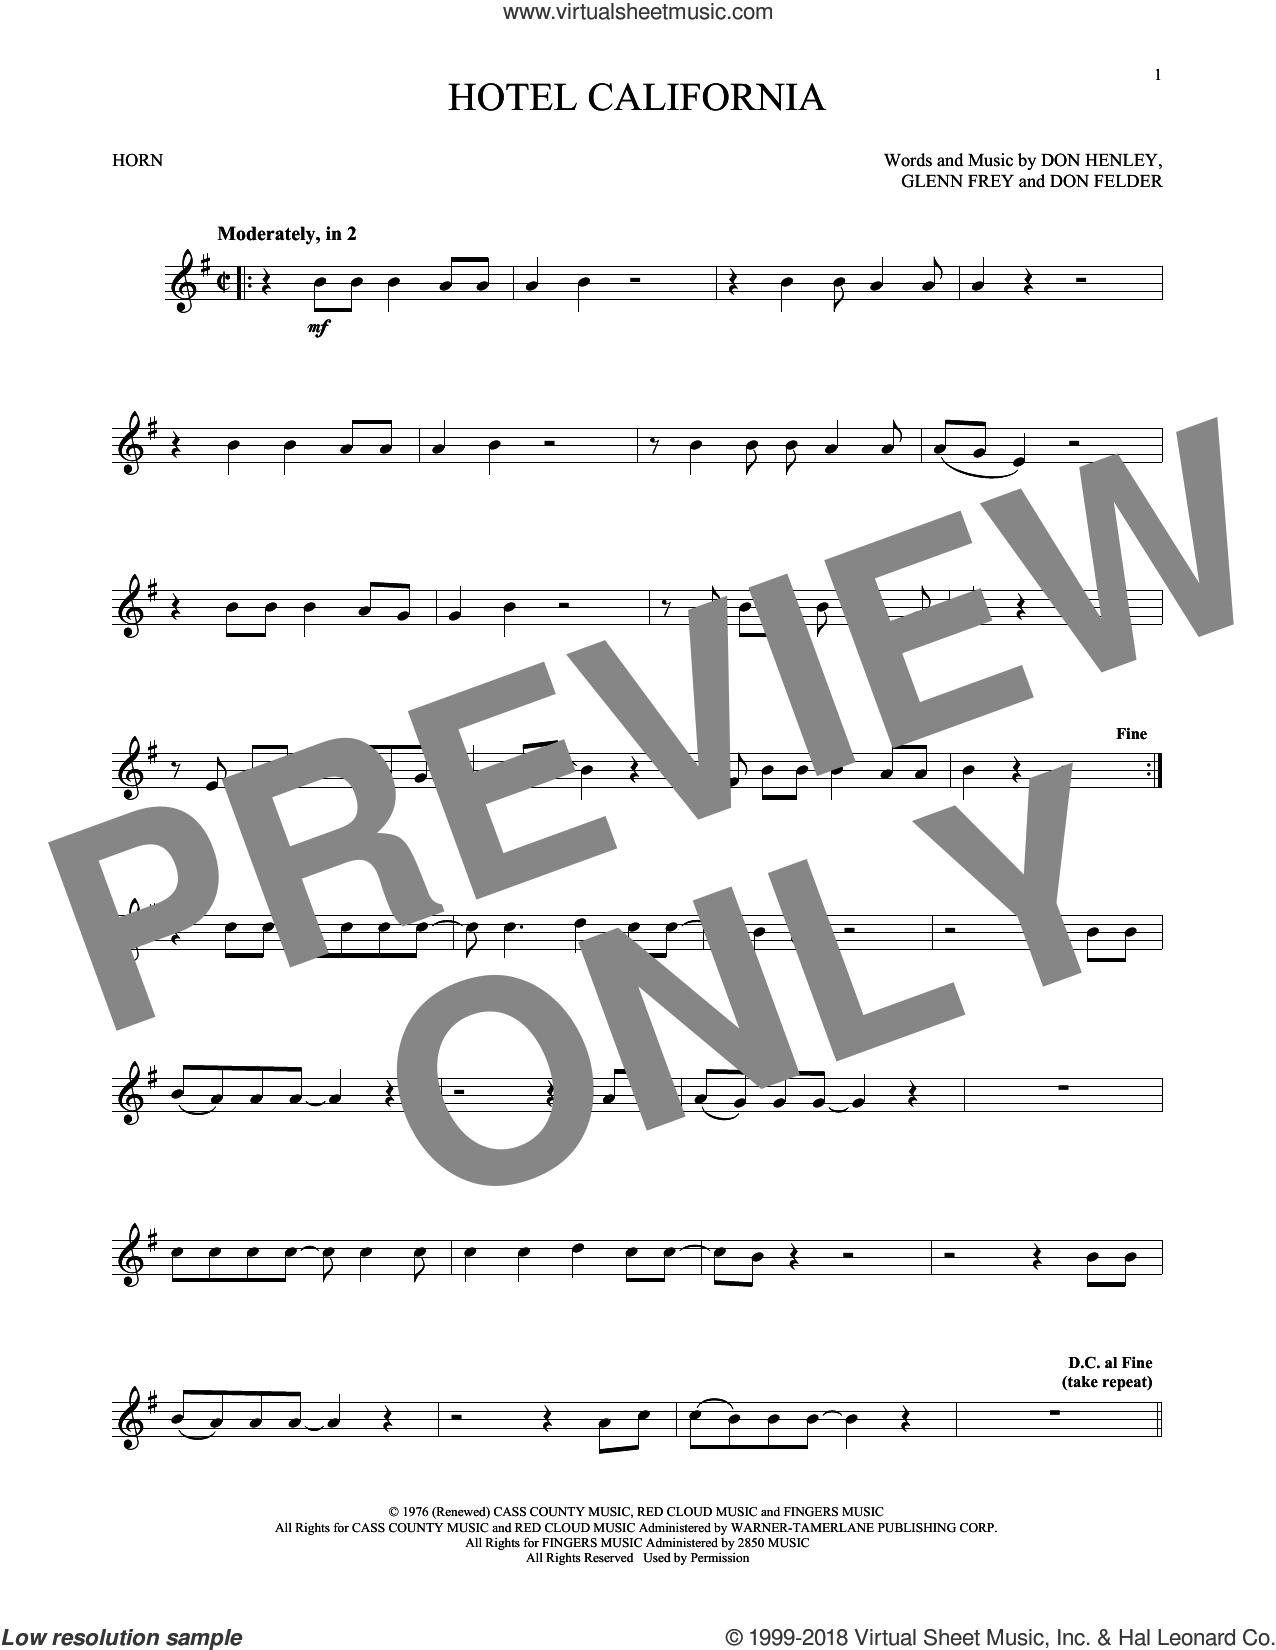 Hotel California sheet music for horn solo by Don Henley, The Eagles, Don Felder and Glenn Frey, intermediate skill level